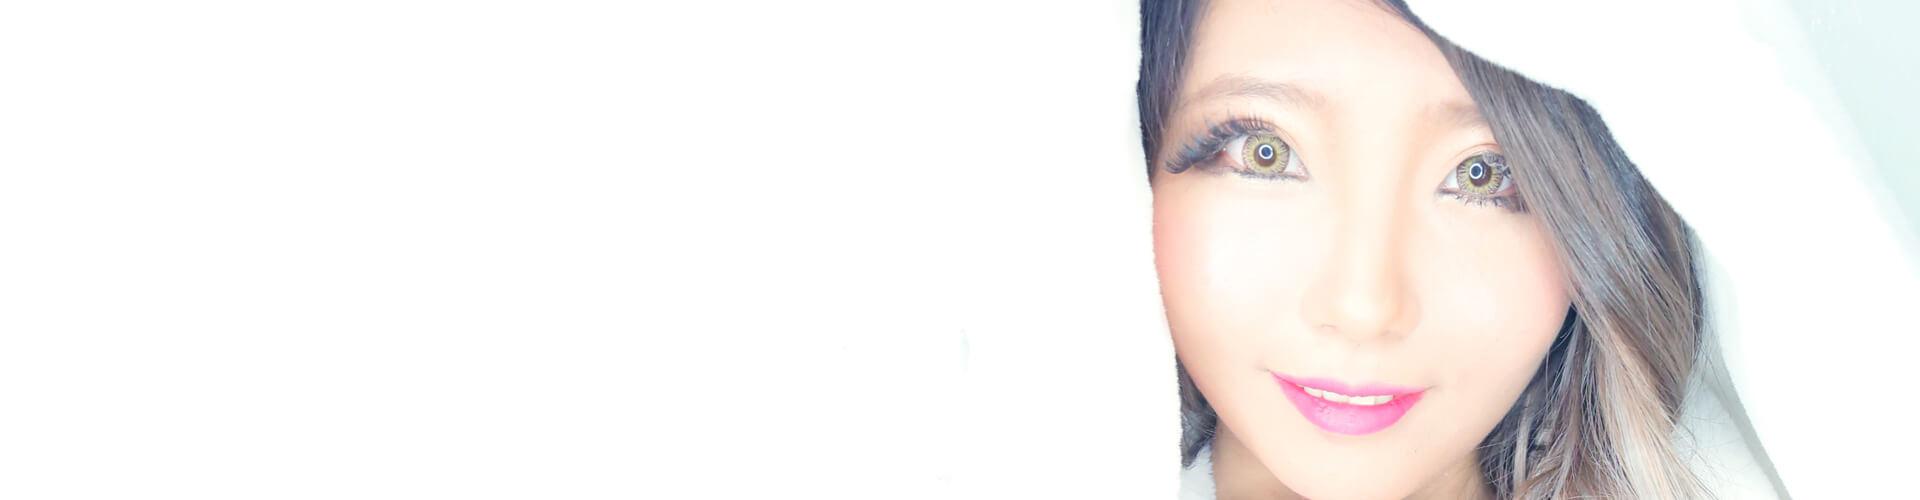 船橋デリヘル風俗|船橋 西船橋 デリバリーヘルス【キャンパスサミット船橋店】モデルネオン写真